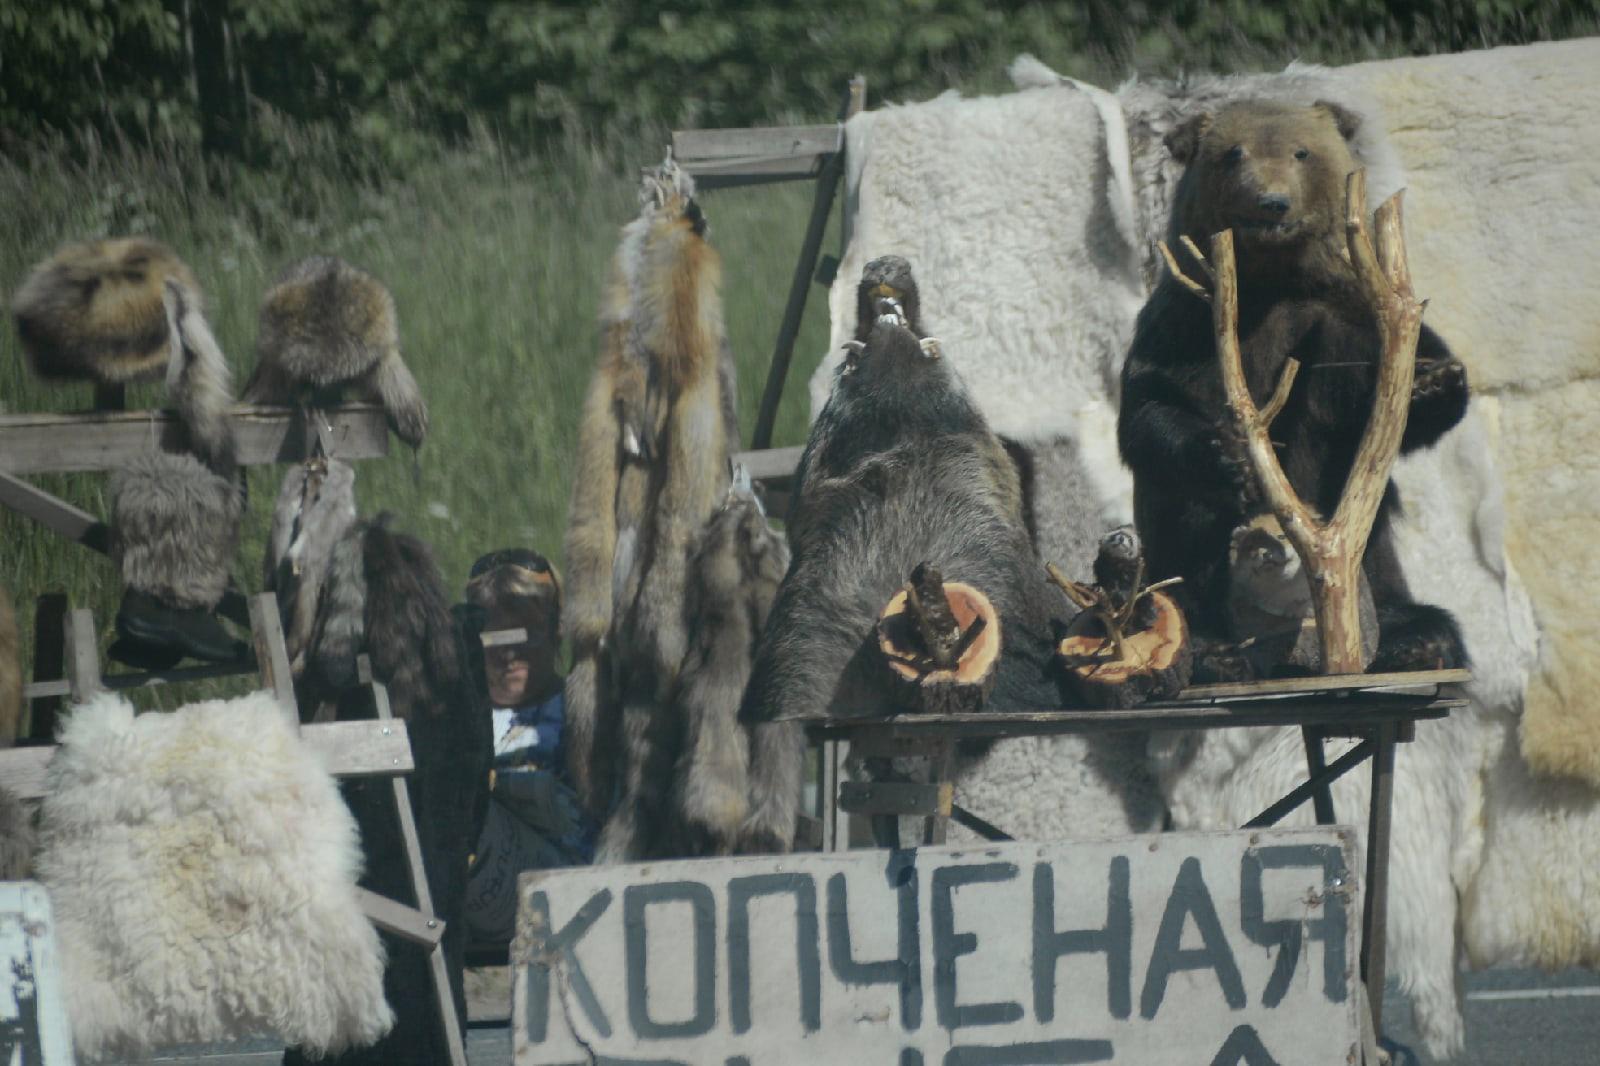 «Культ смерти»: активист обвинил Тверскую область в создании культа убийства животных